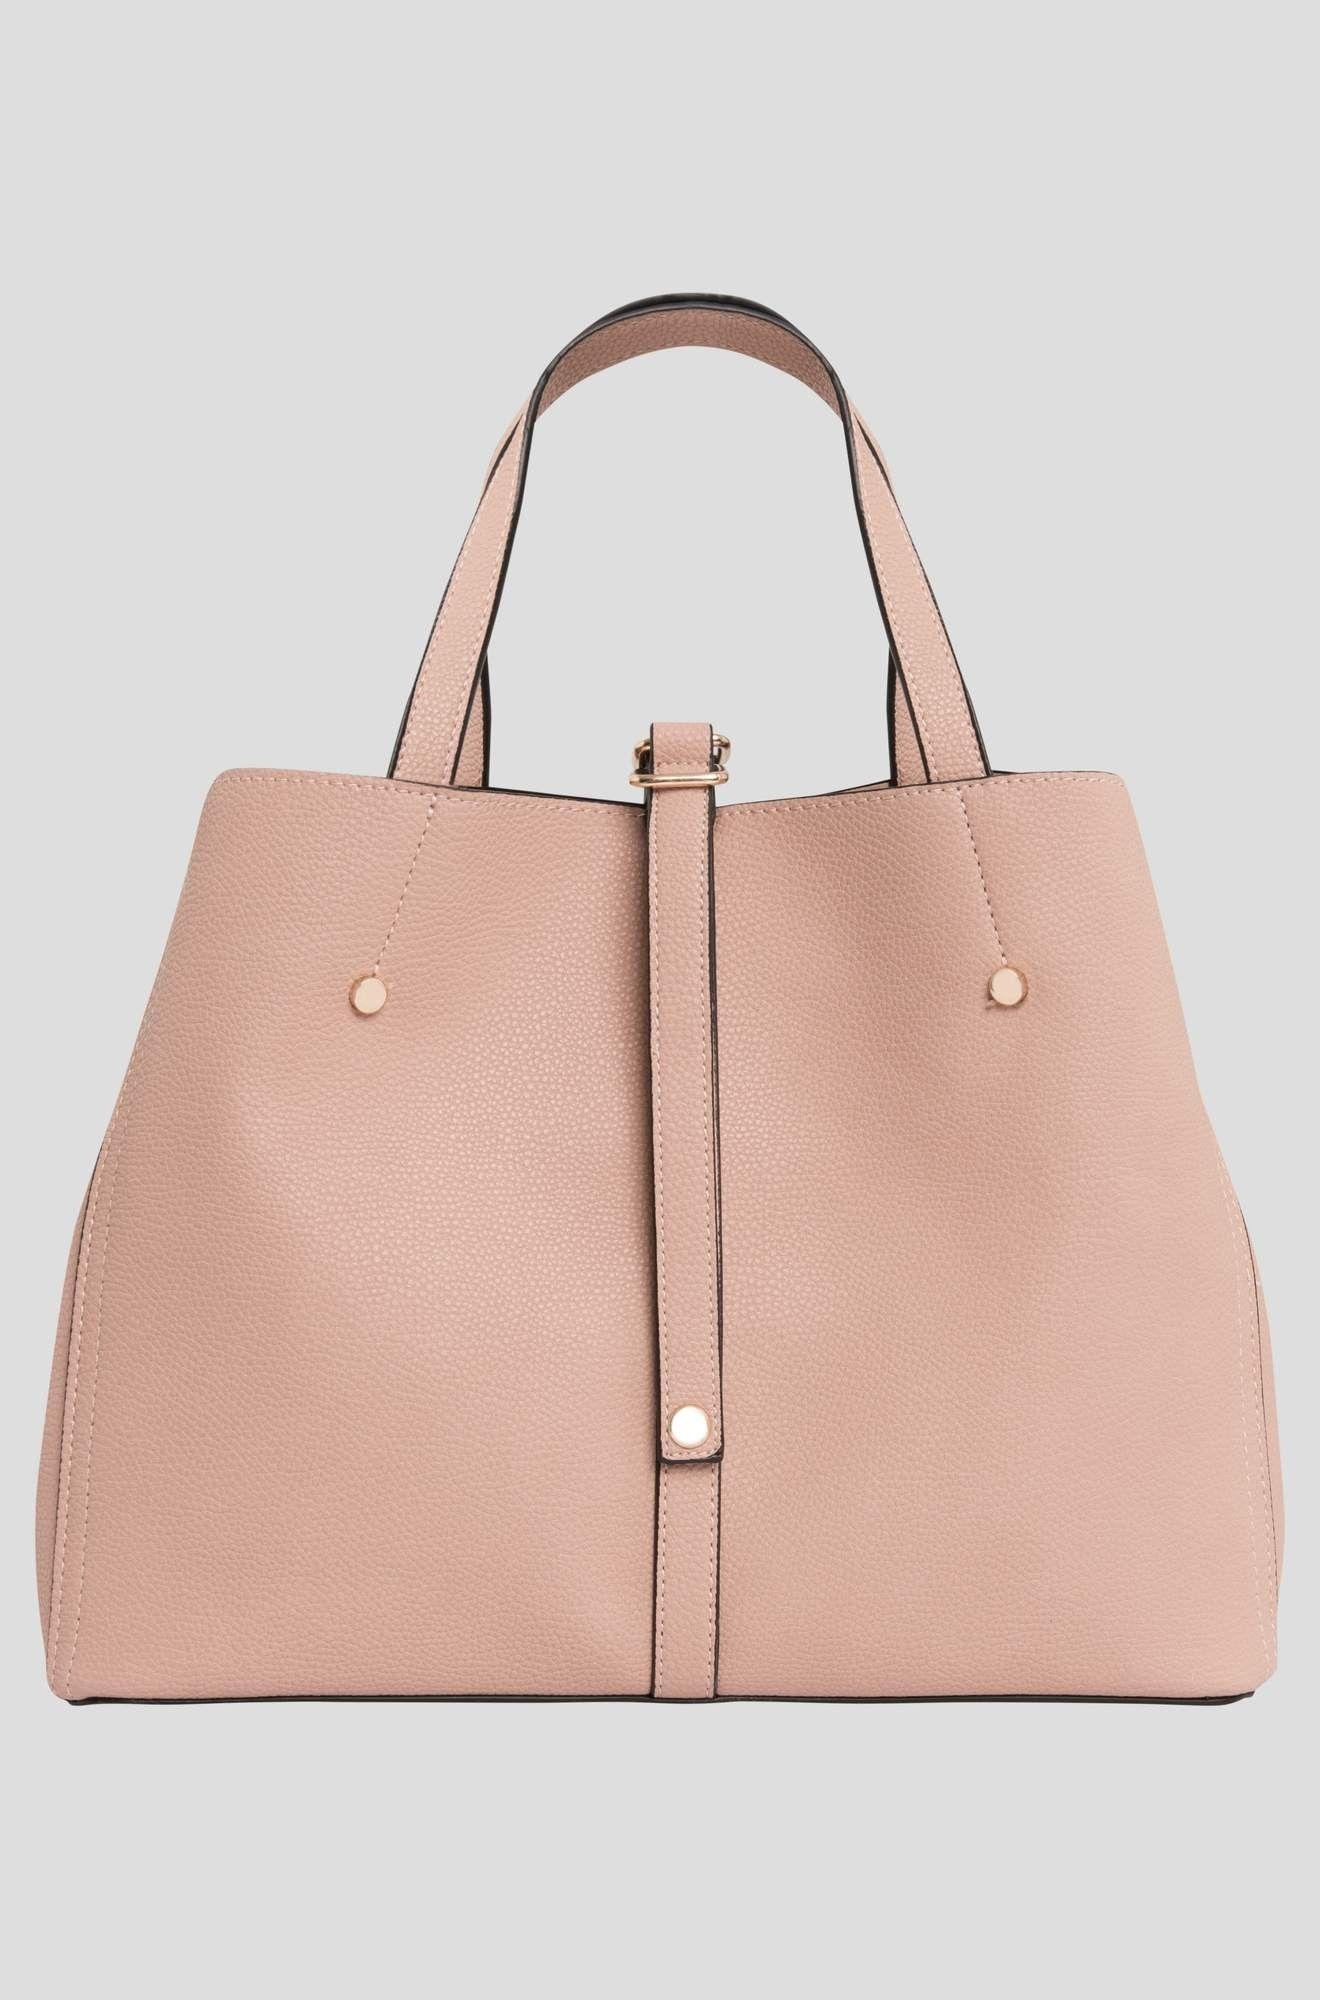 b4f5fe5a8b329 Torebka city bag | Bags, Shoes, Accessories | Bags, Purses, bags i ...